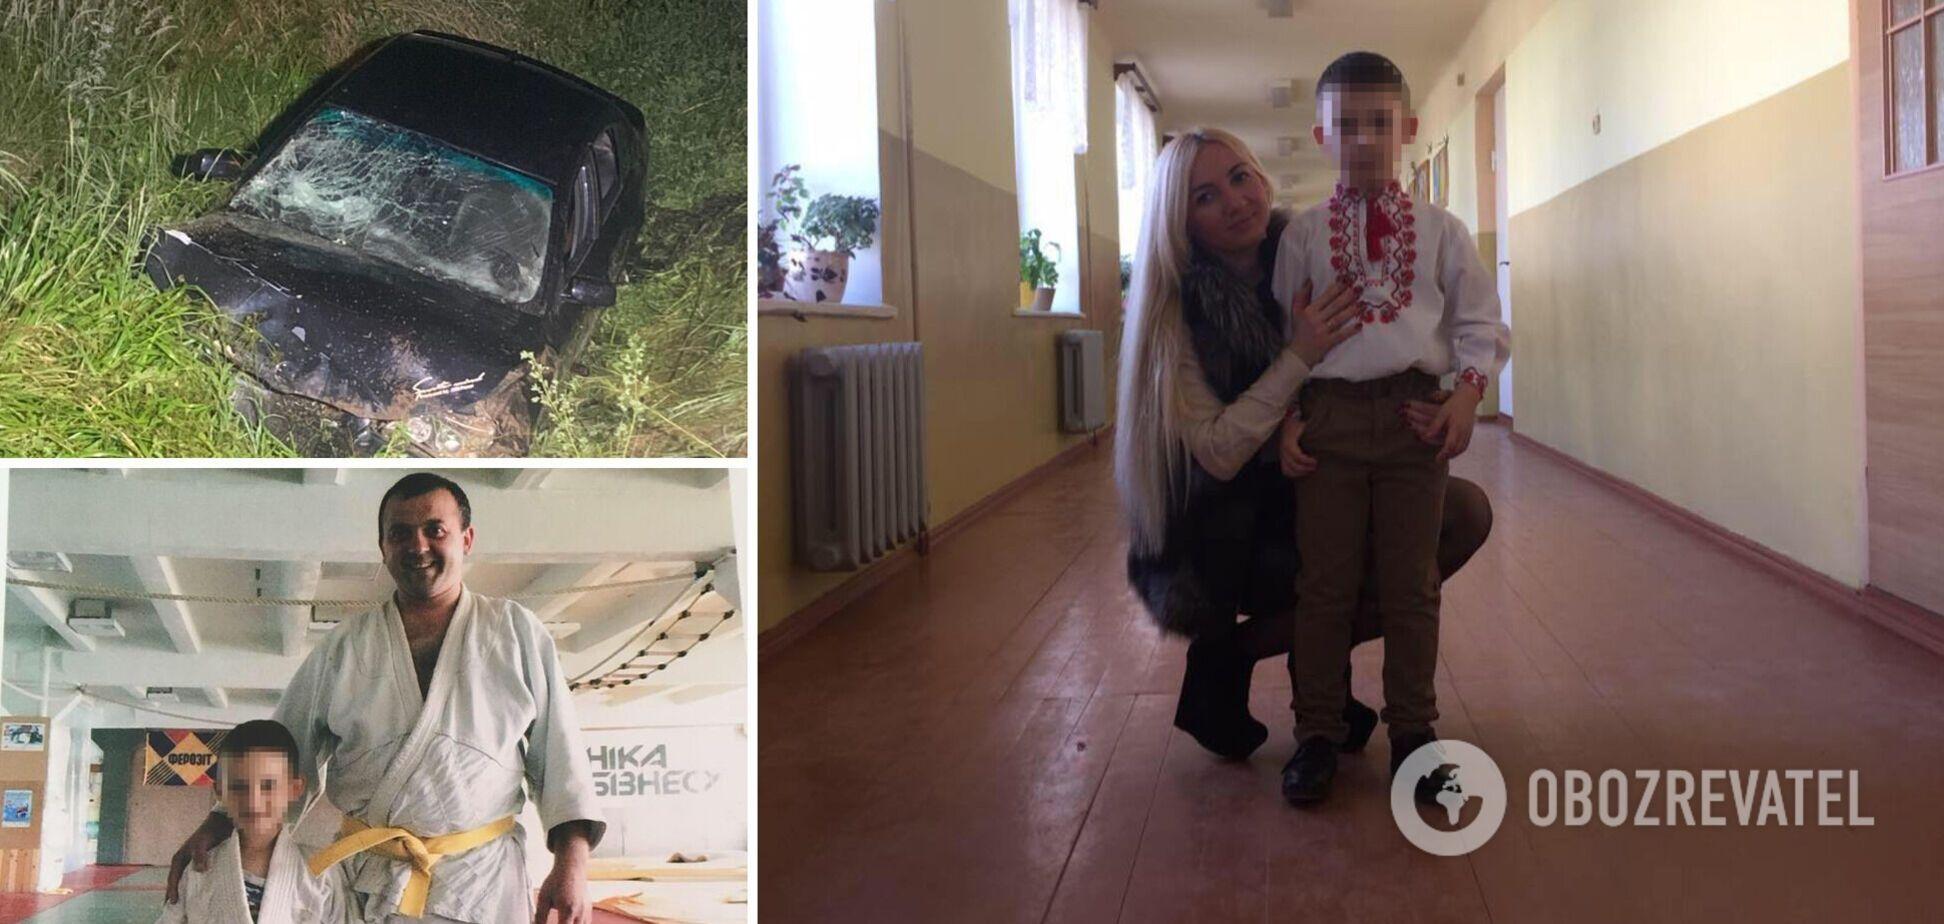 Пьяный отец, который посадил 11-летнего сына за руль, ранее работал в ГАИ: подробности смертельной аварии на Львовщине